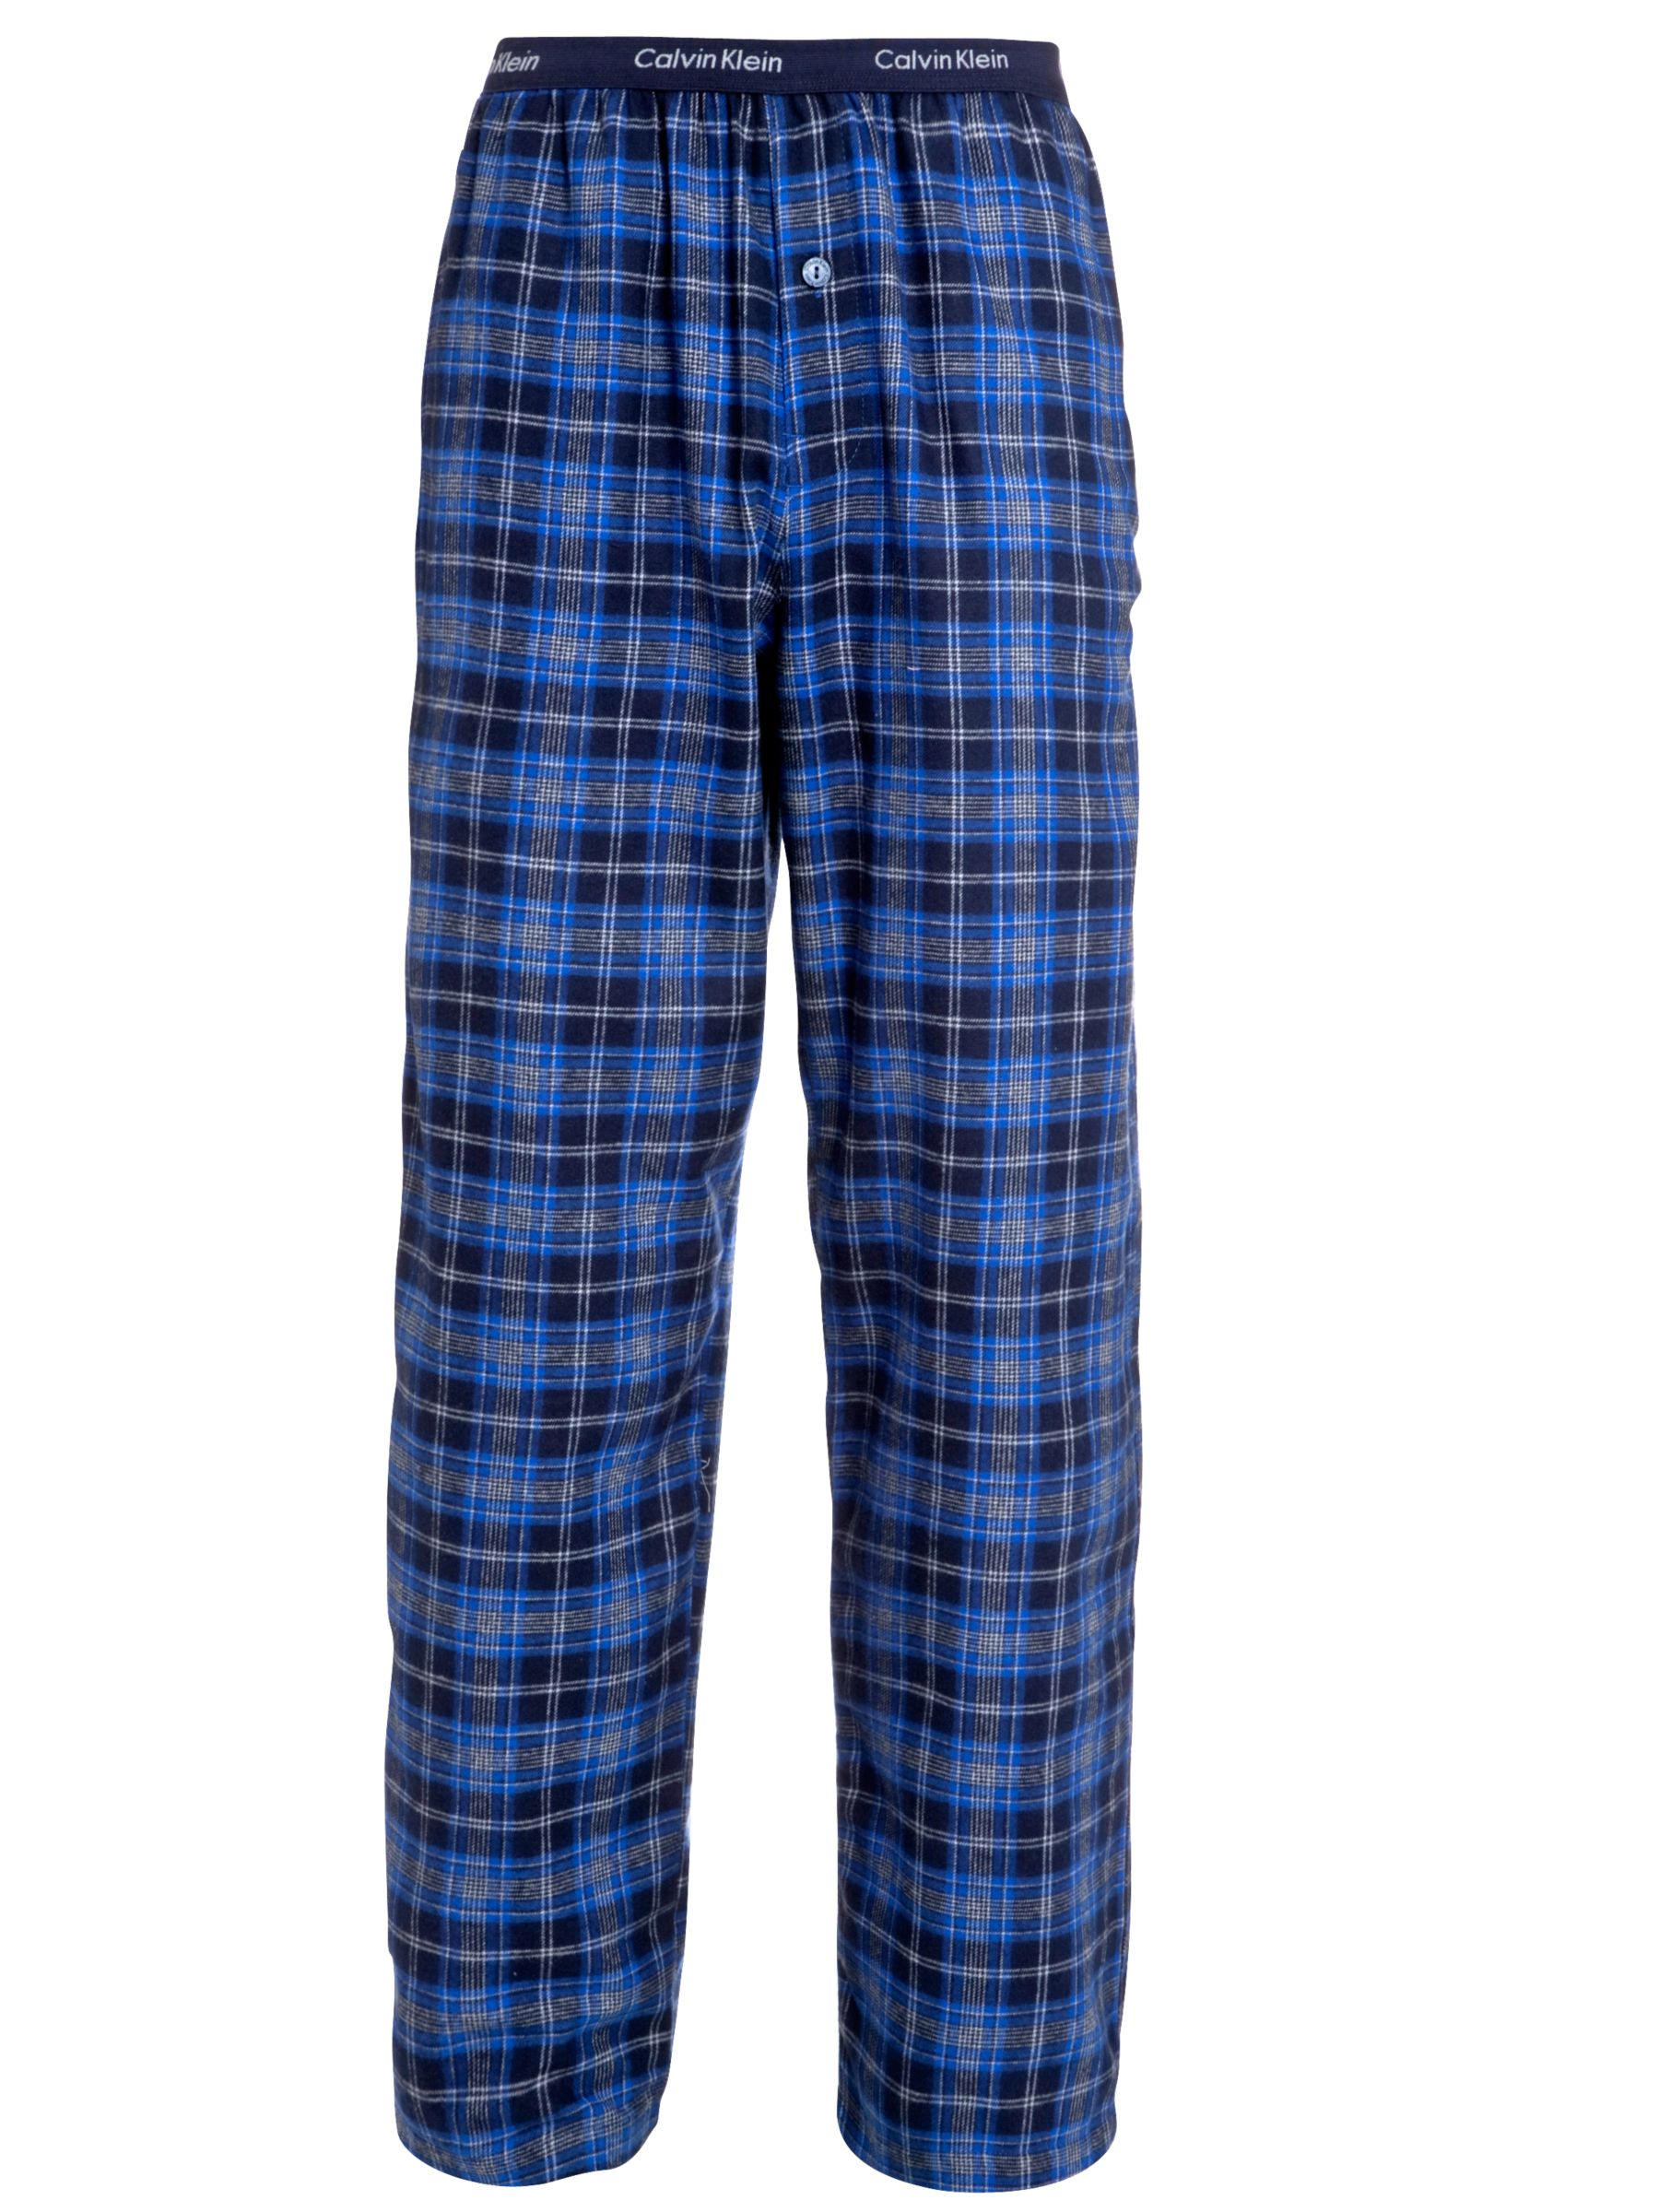 Calvin Klein Flannel Check Pyjama Bottoms, Blue